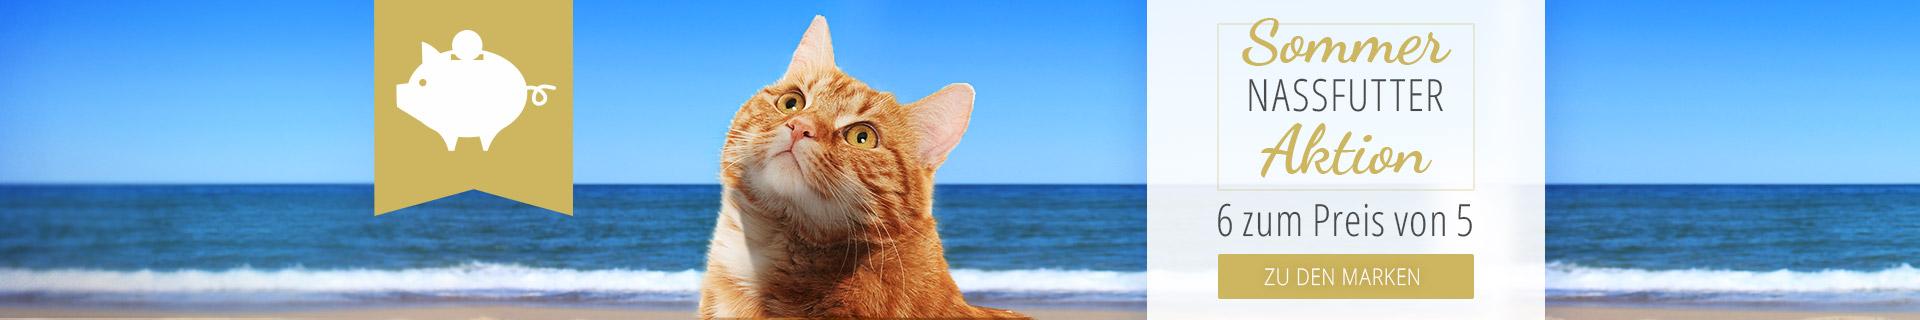 Nassfutter Aktion für Katzen - 6 für 5